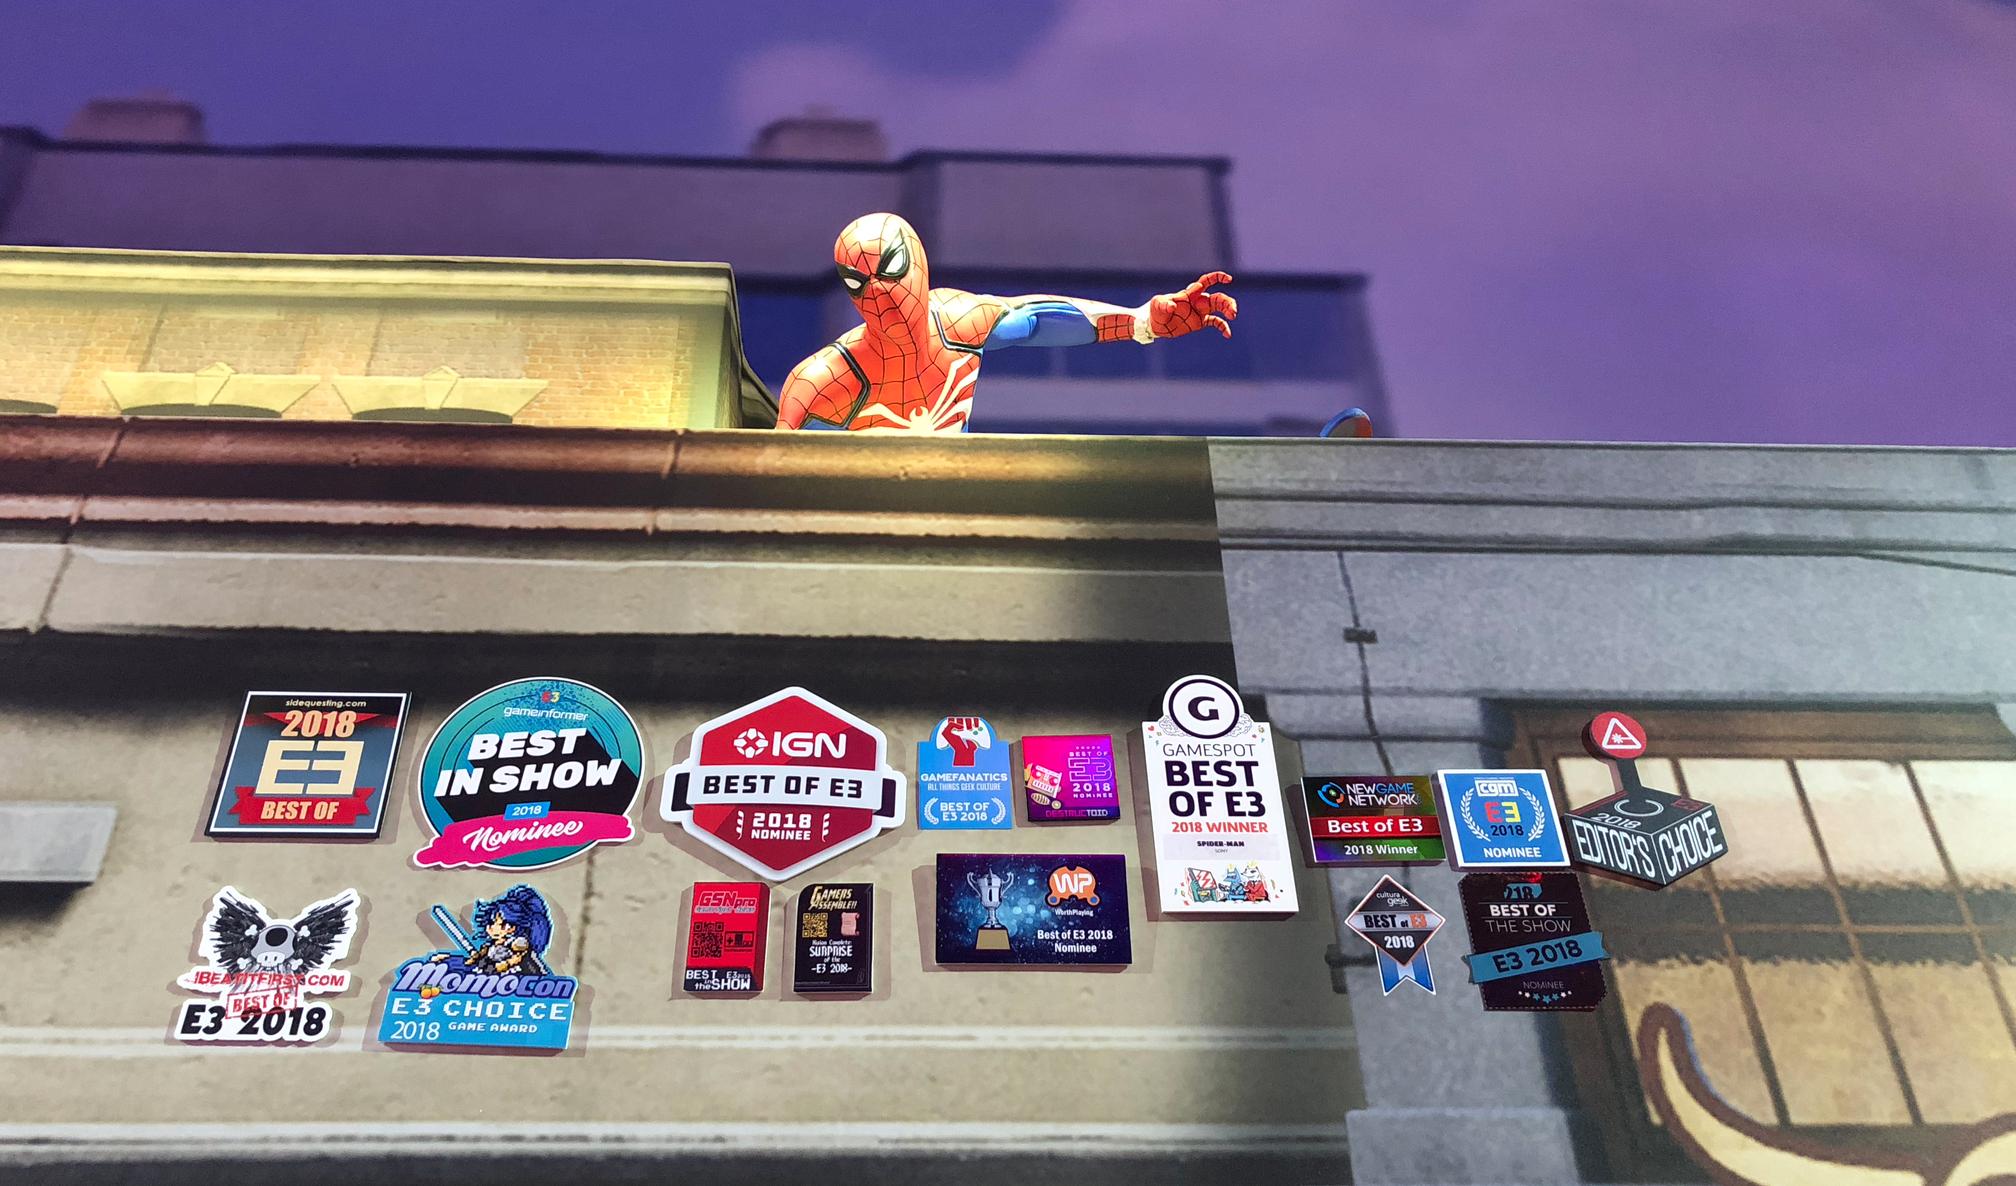 أفضل لعبة بمعرض E3 2018